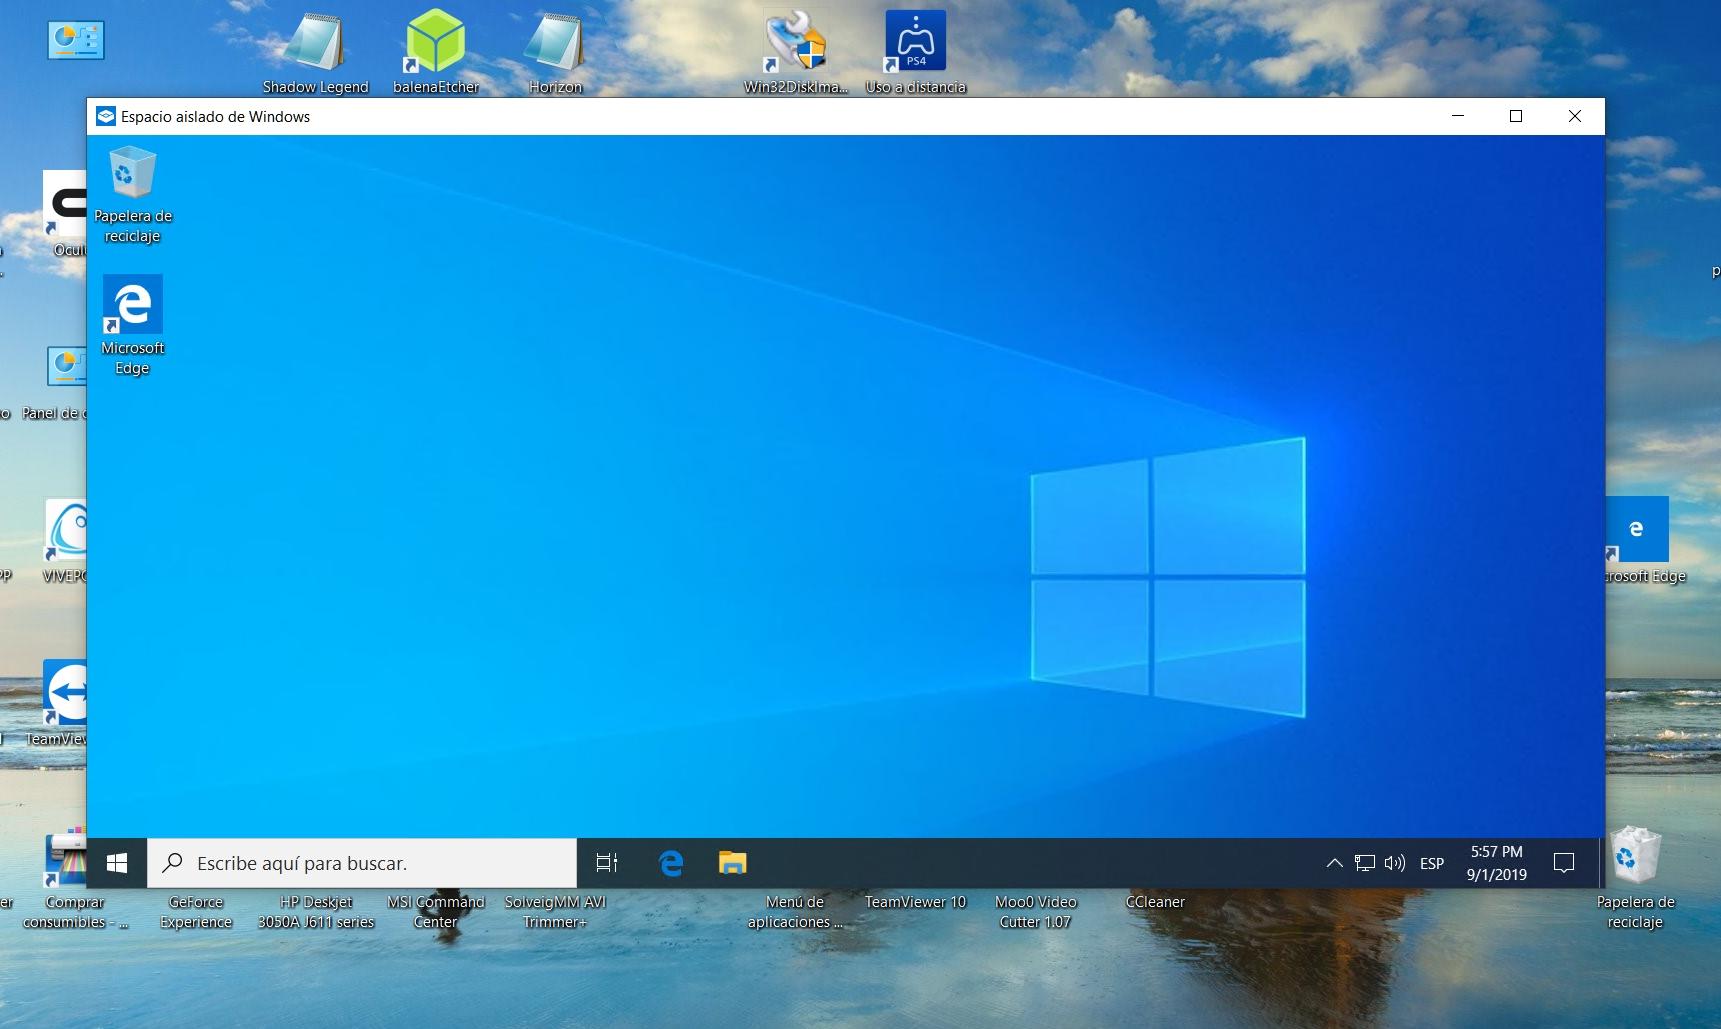 Cómo habilitar un entorno Sandboxing en Windows 10